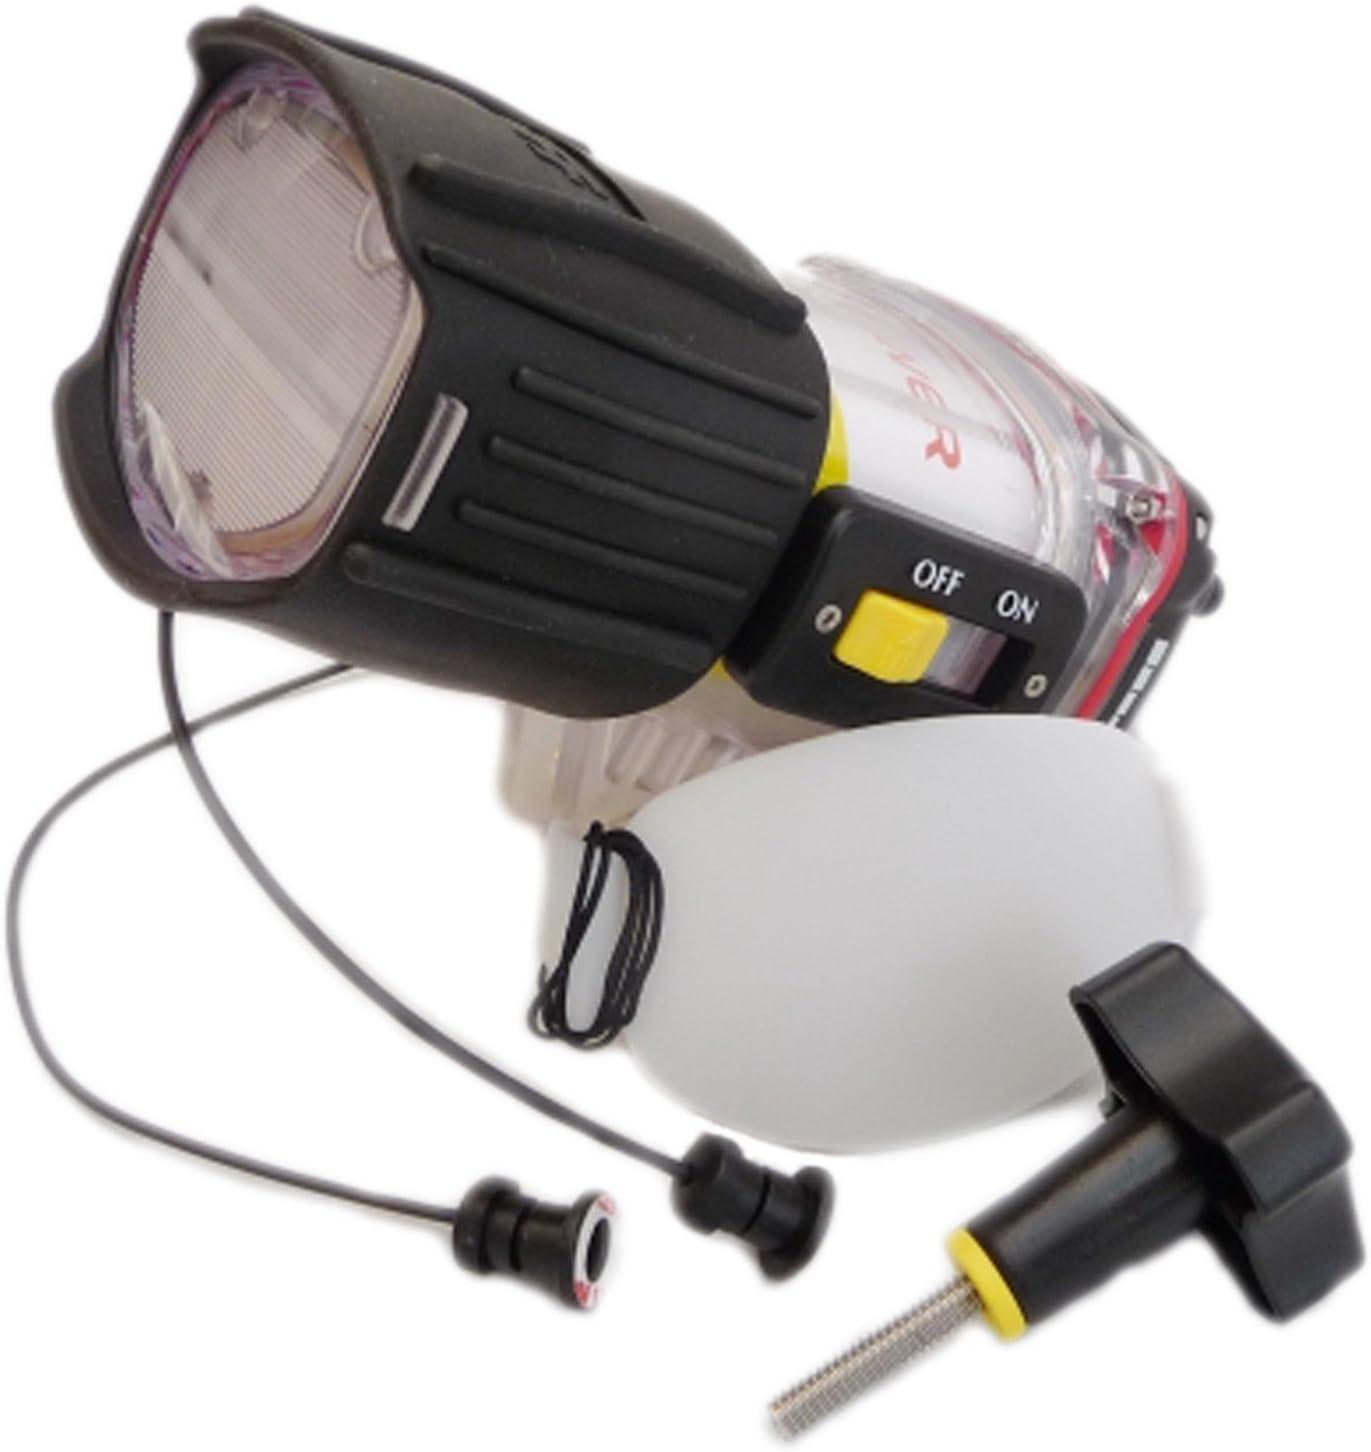 Riff Power Uwb 2 Unterwasserblitz Kamera